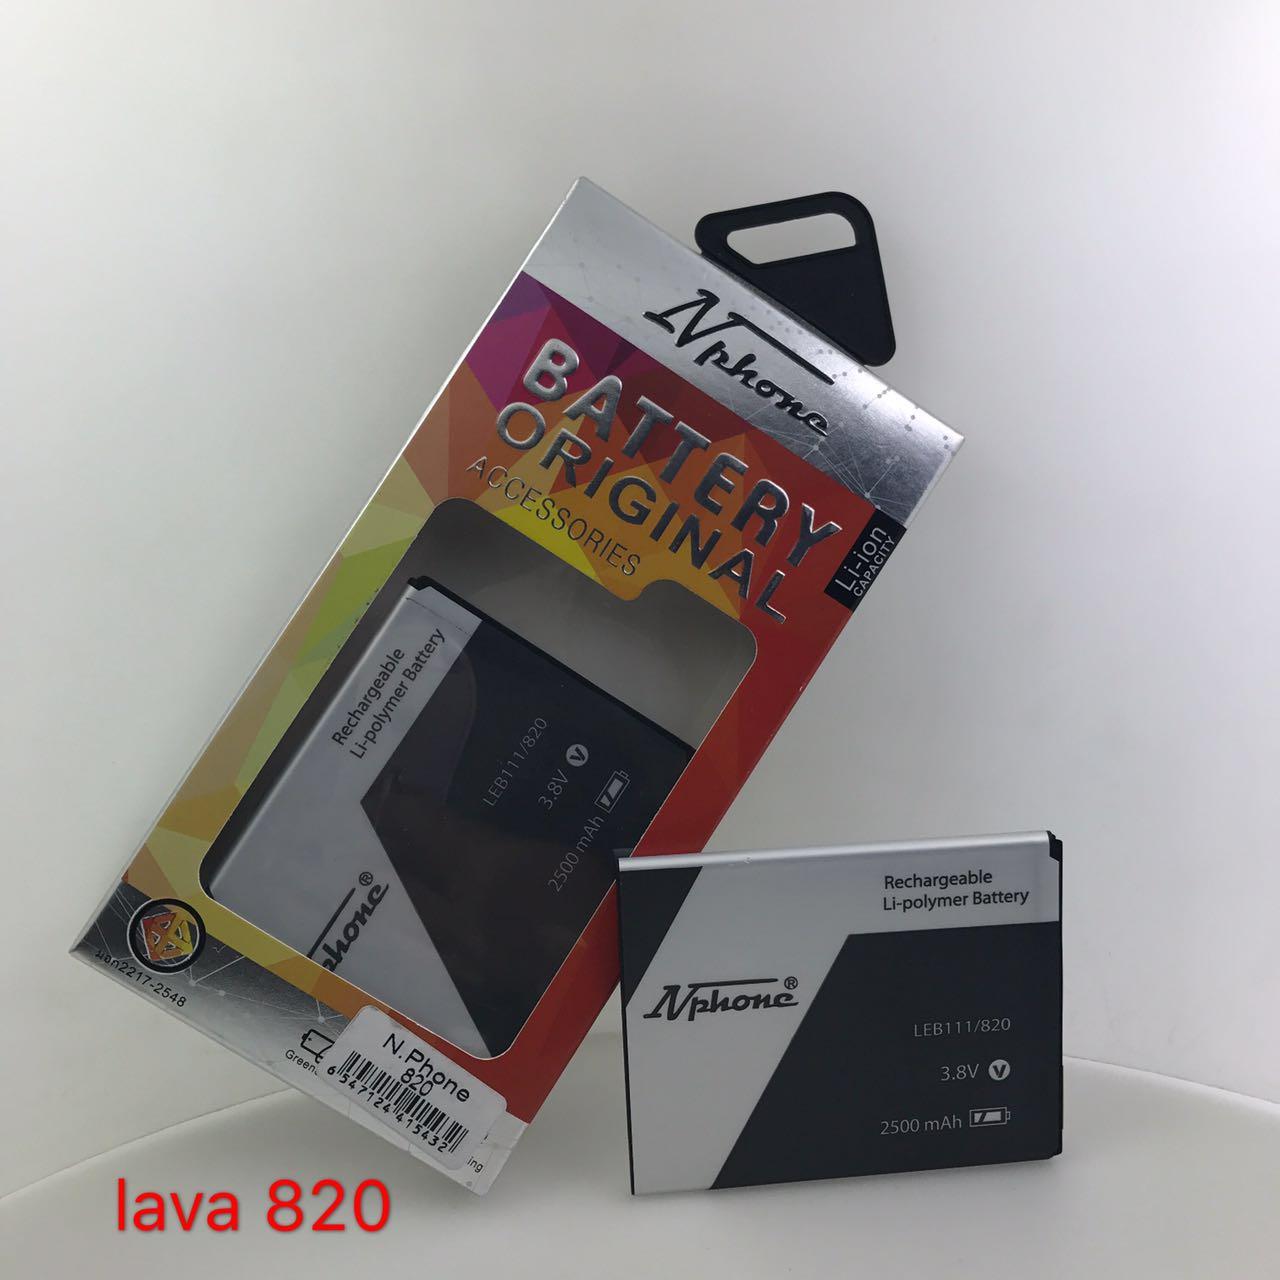 แบตเตอรี่ ม.อ.ก ( ยี่ห้อ N-Phone ) lava 820 // LEB111